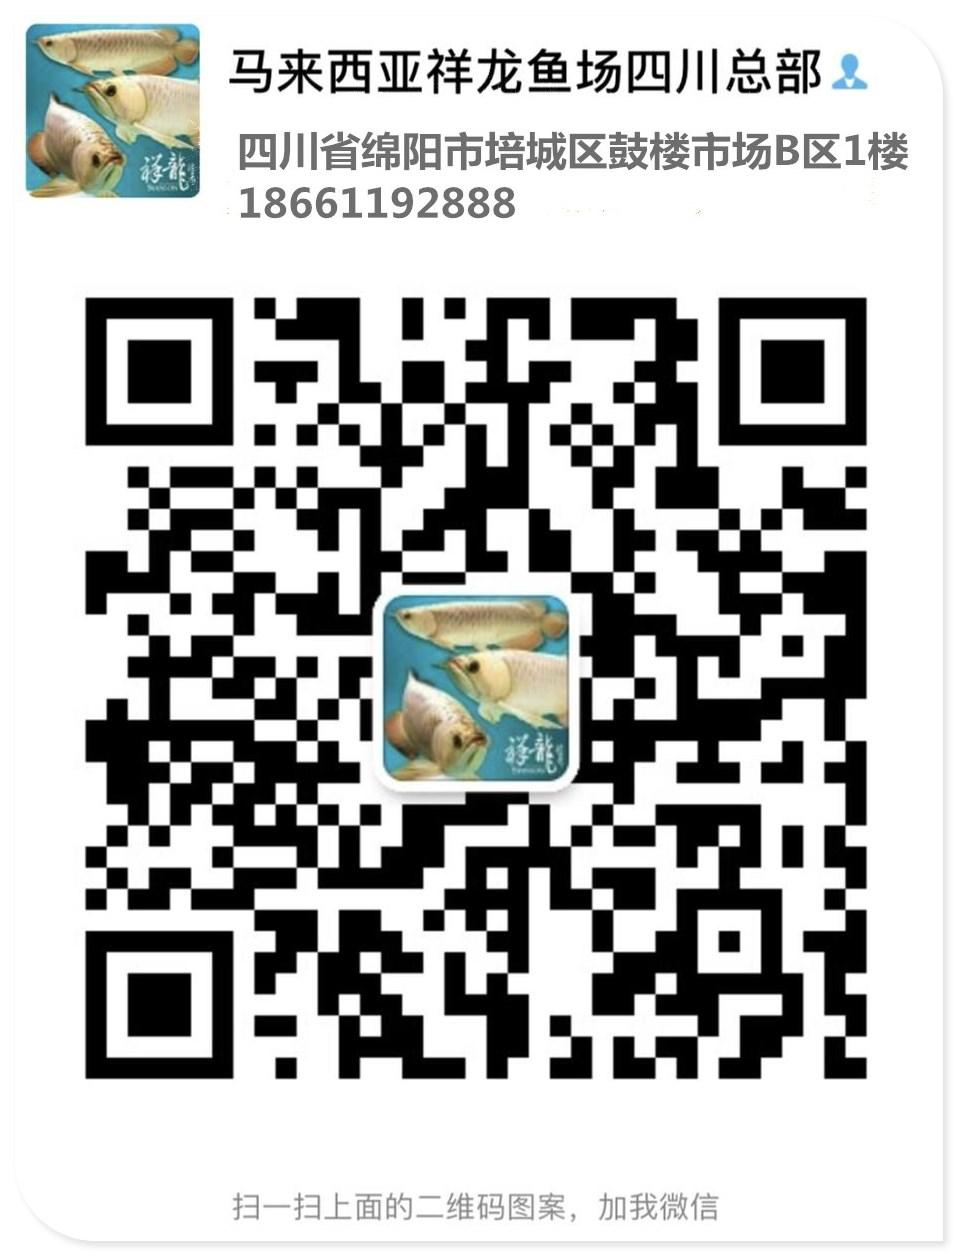 绵阳水族馆微信